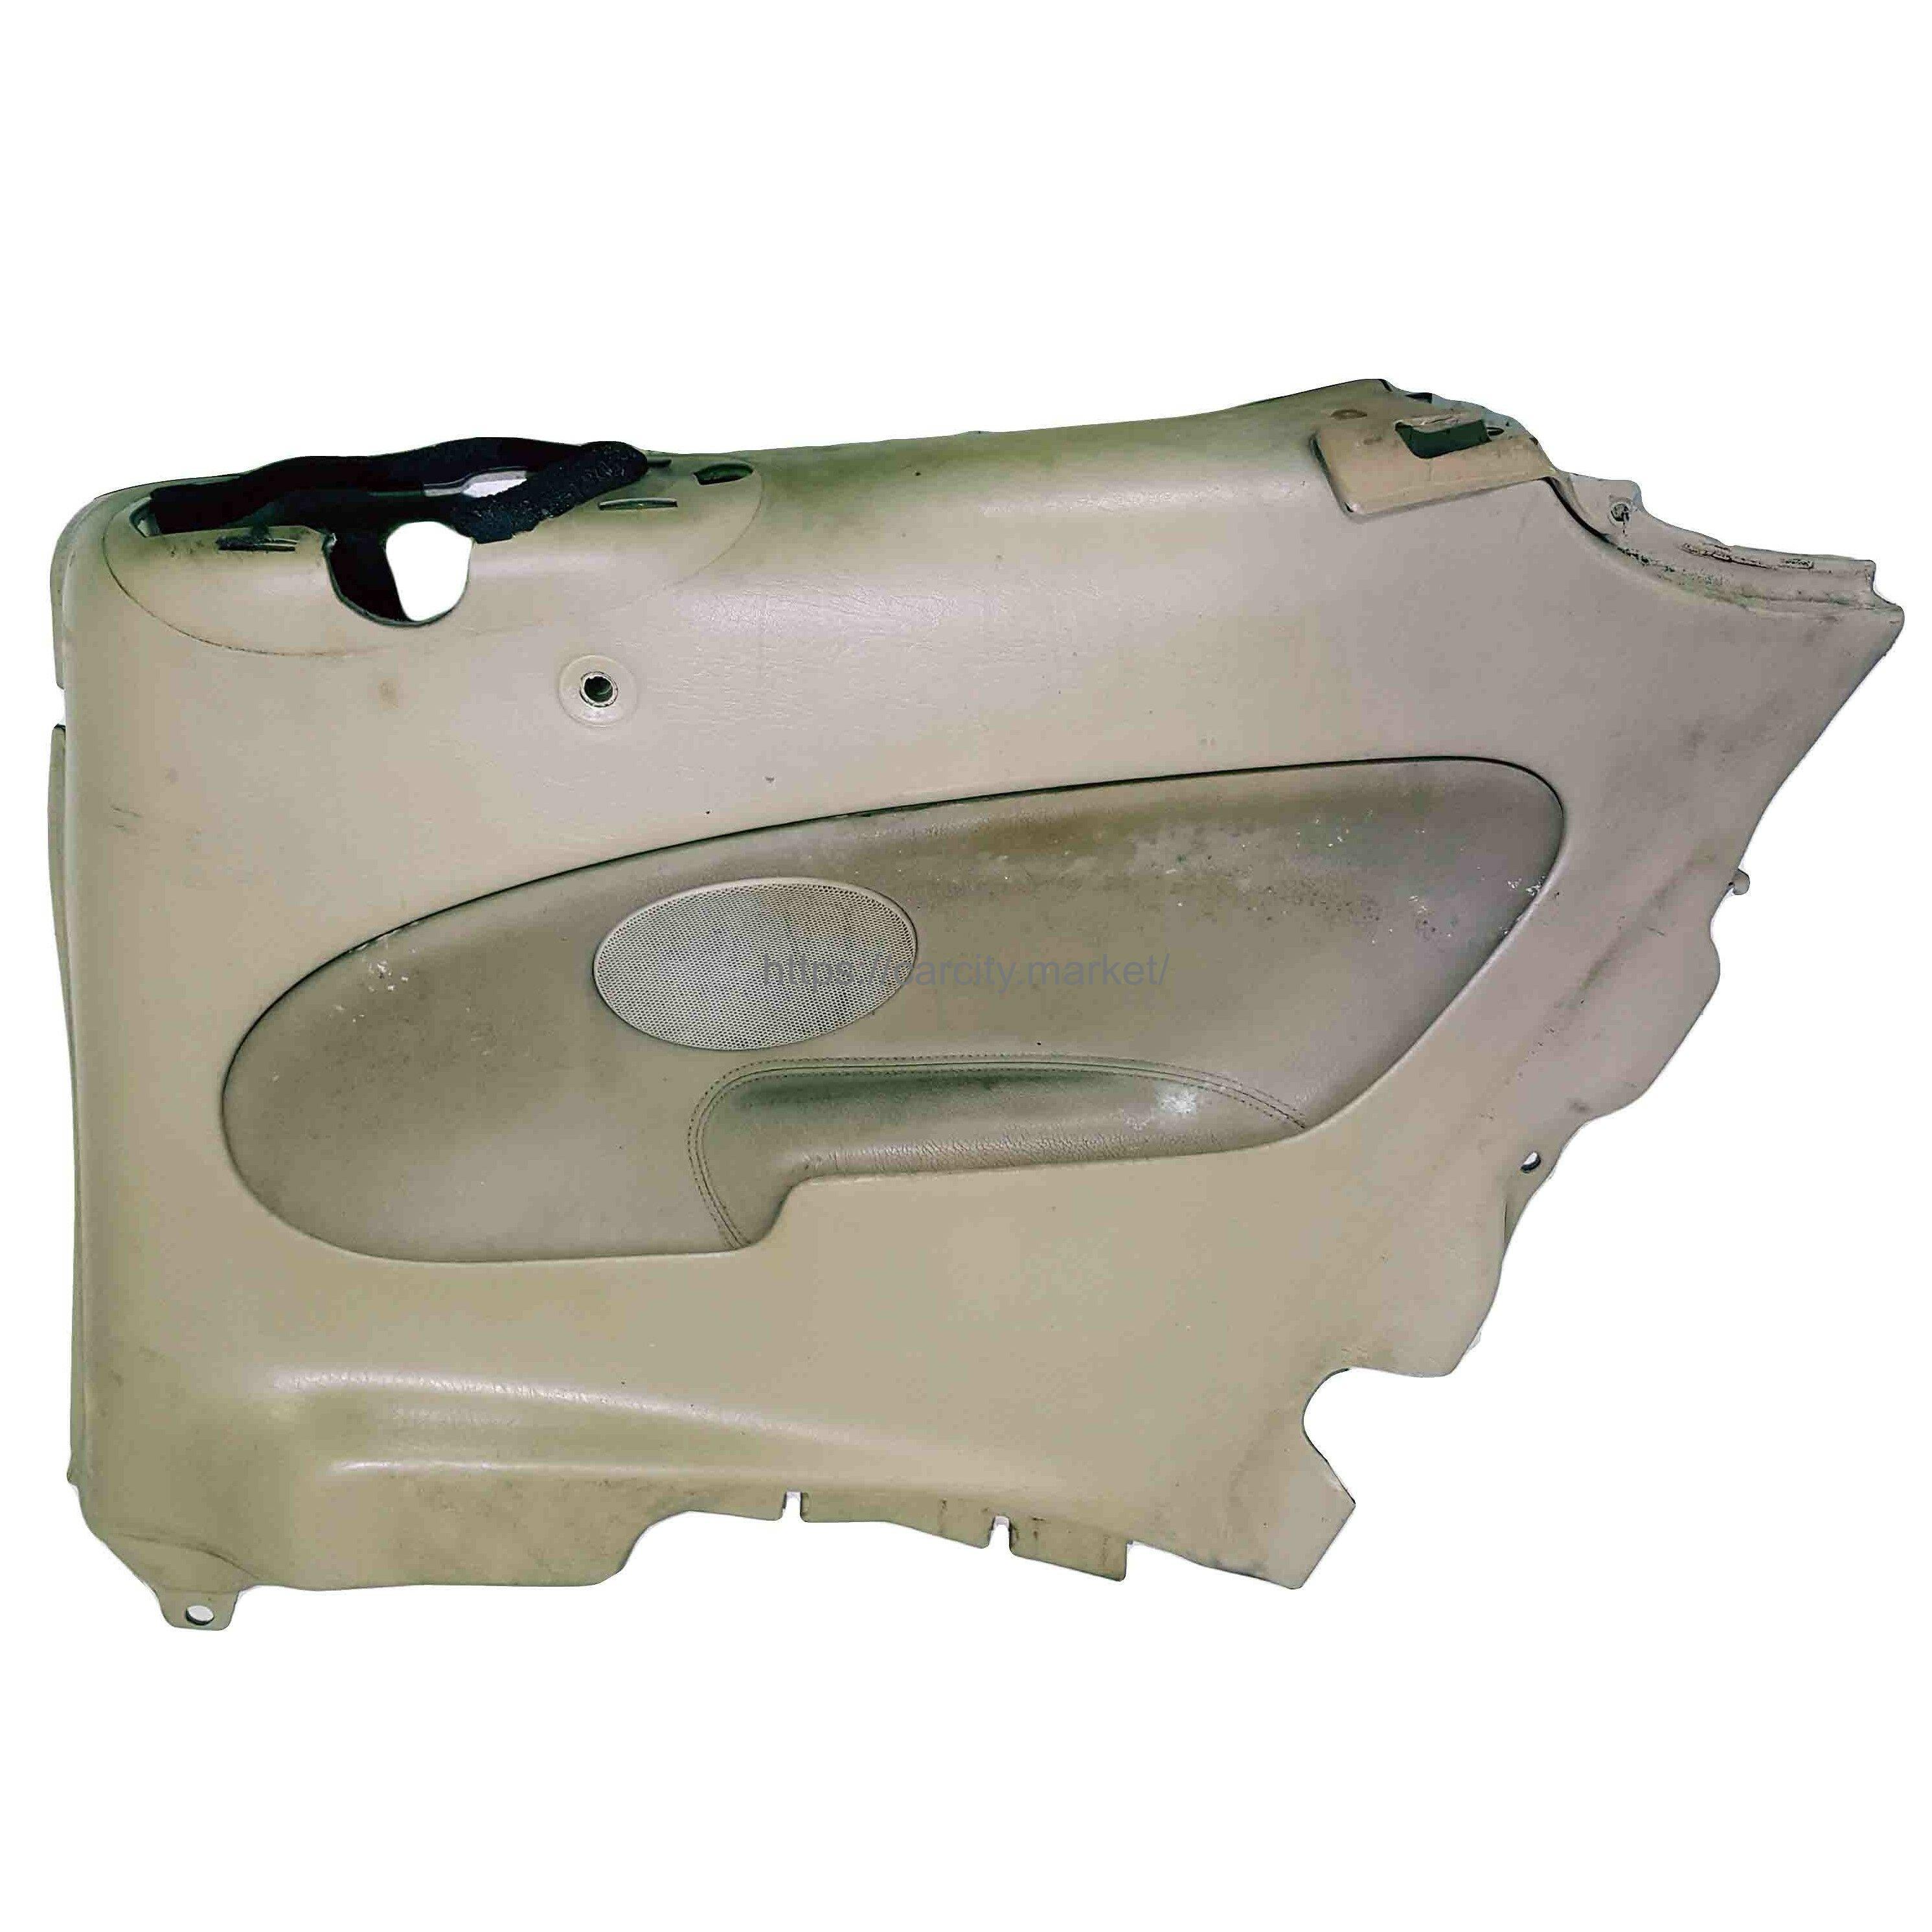 Обшивка боковая правая SAAB 9-3 1998-2003г купить в Карсти Маркет